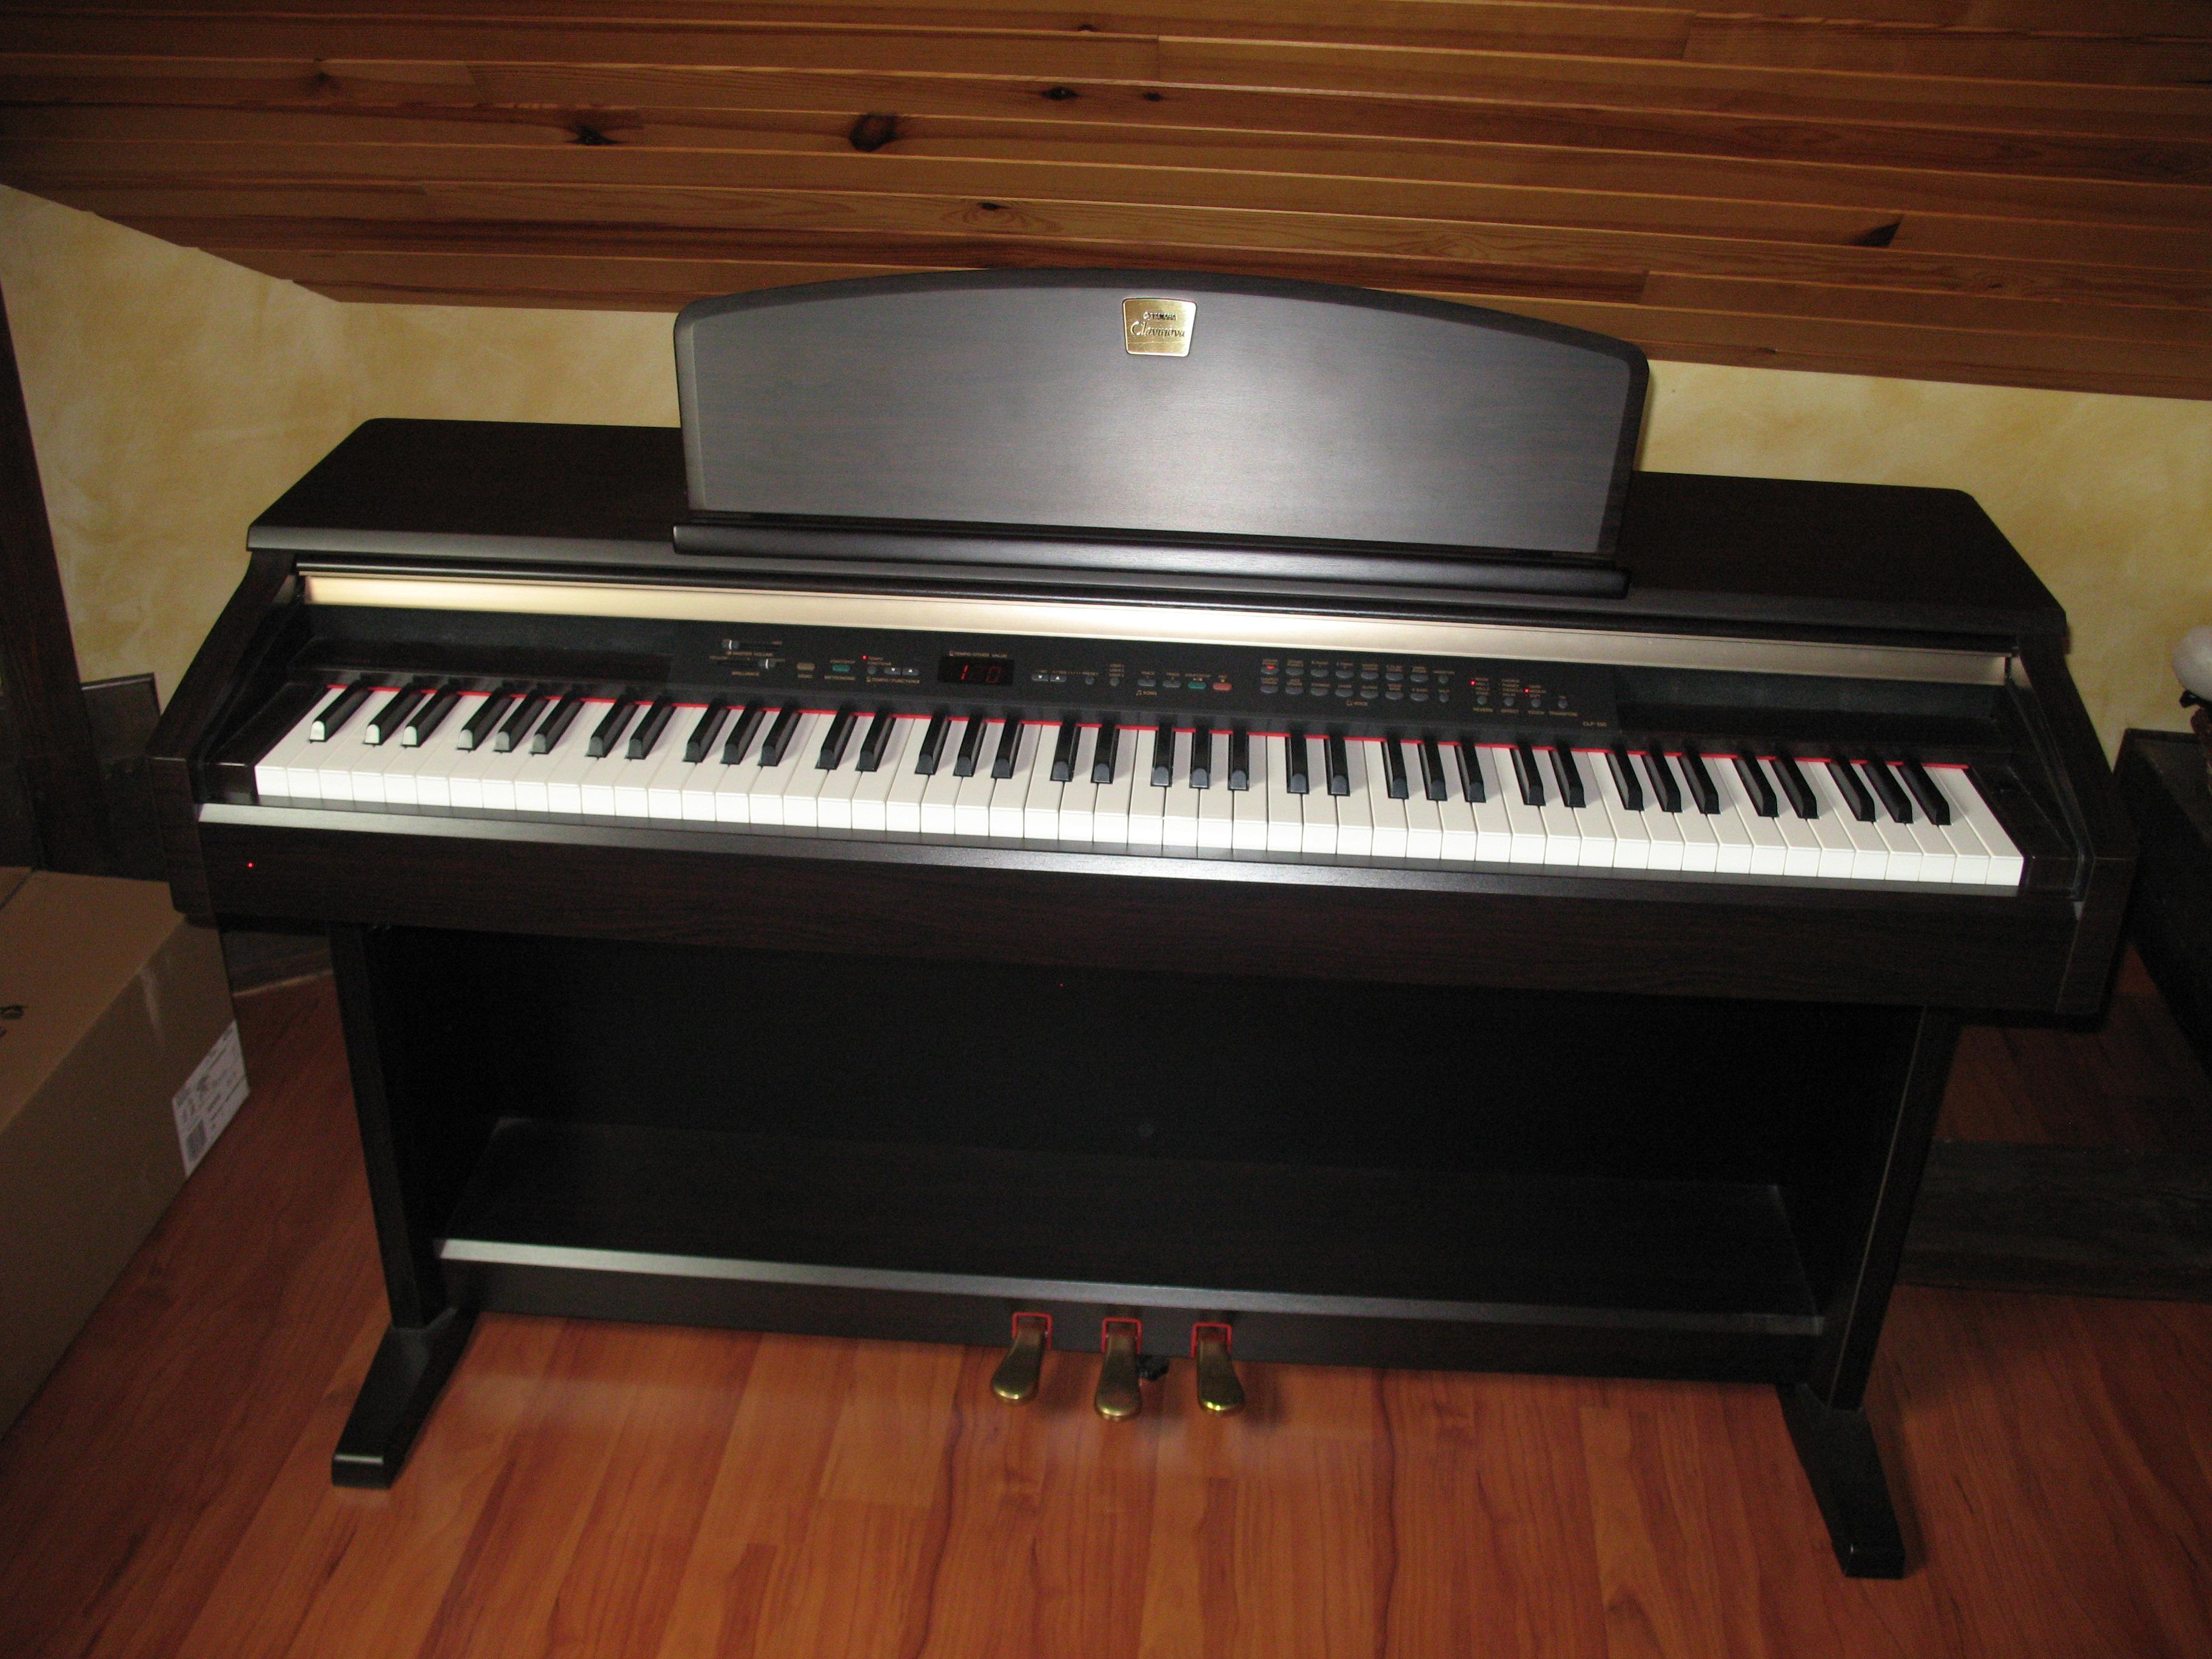 Yamaha clavinova clp130